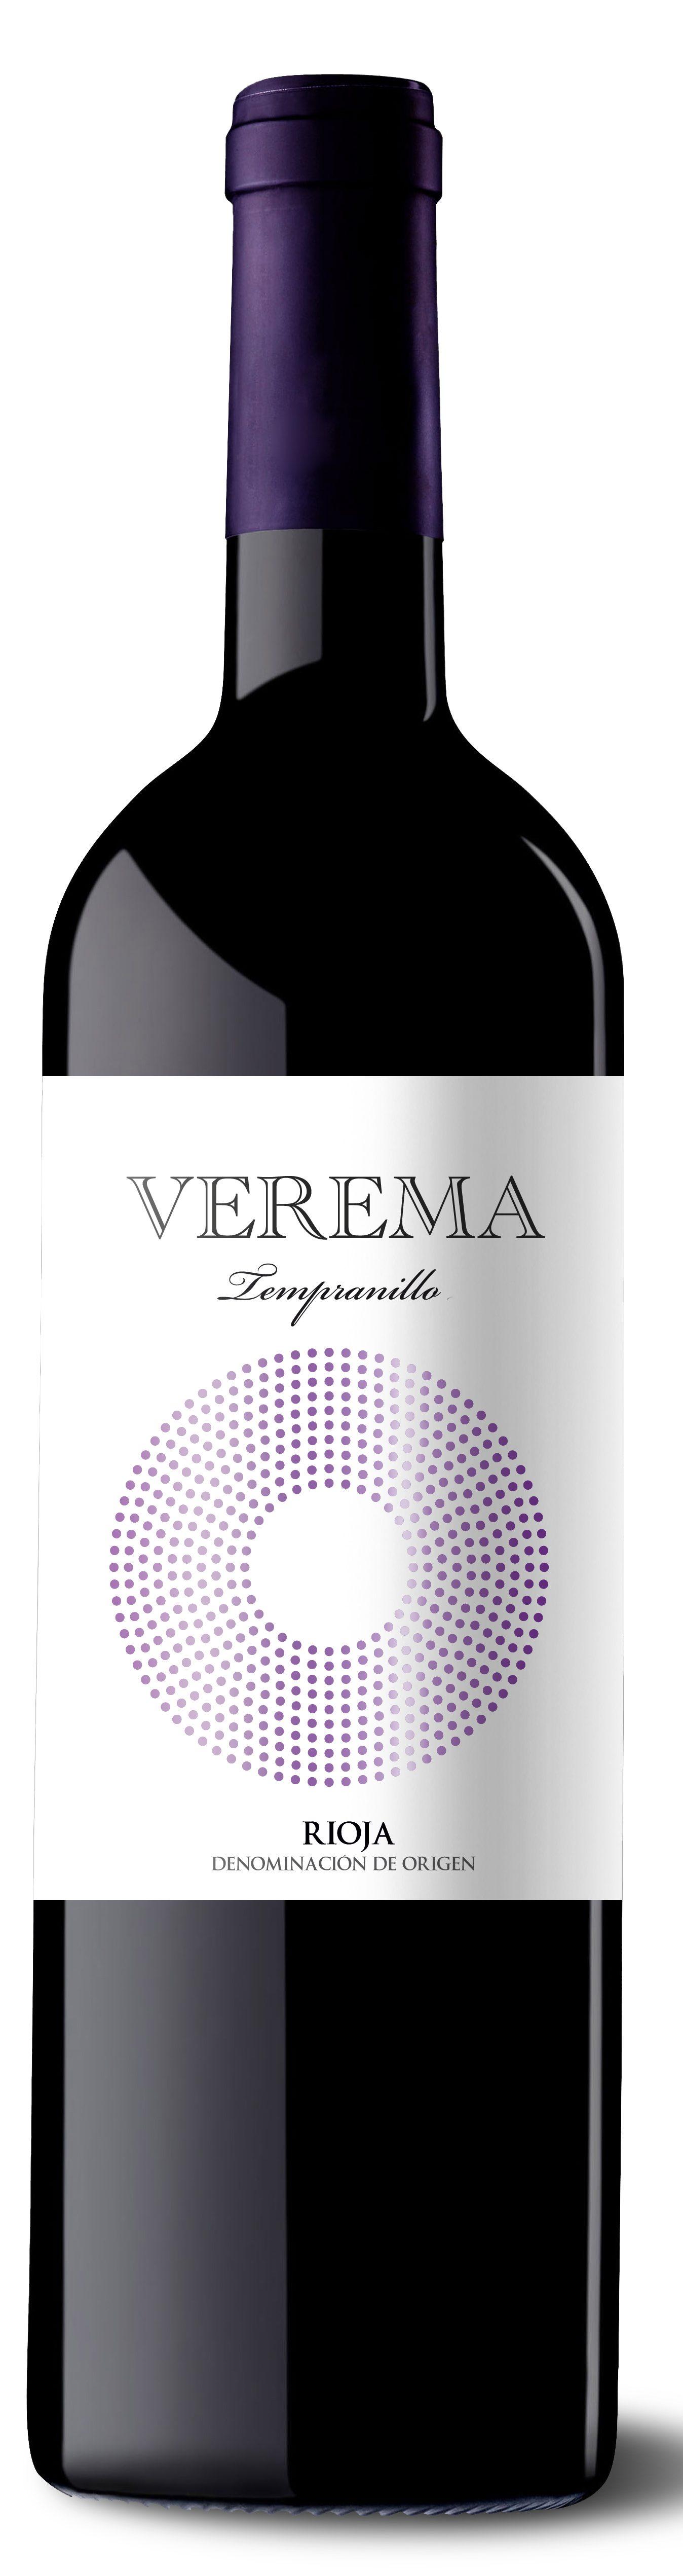 Vicente Gandia Verema Rioja Joven Tempranillo